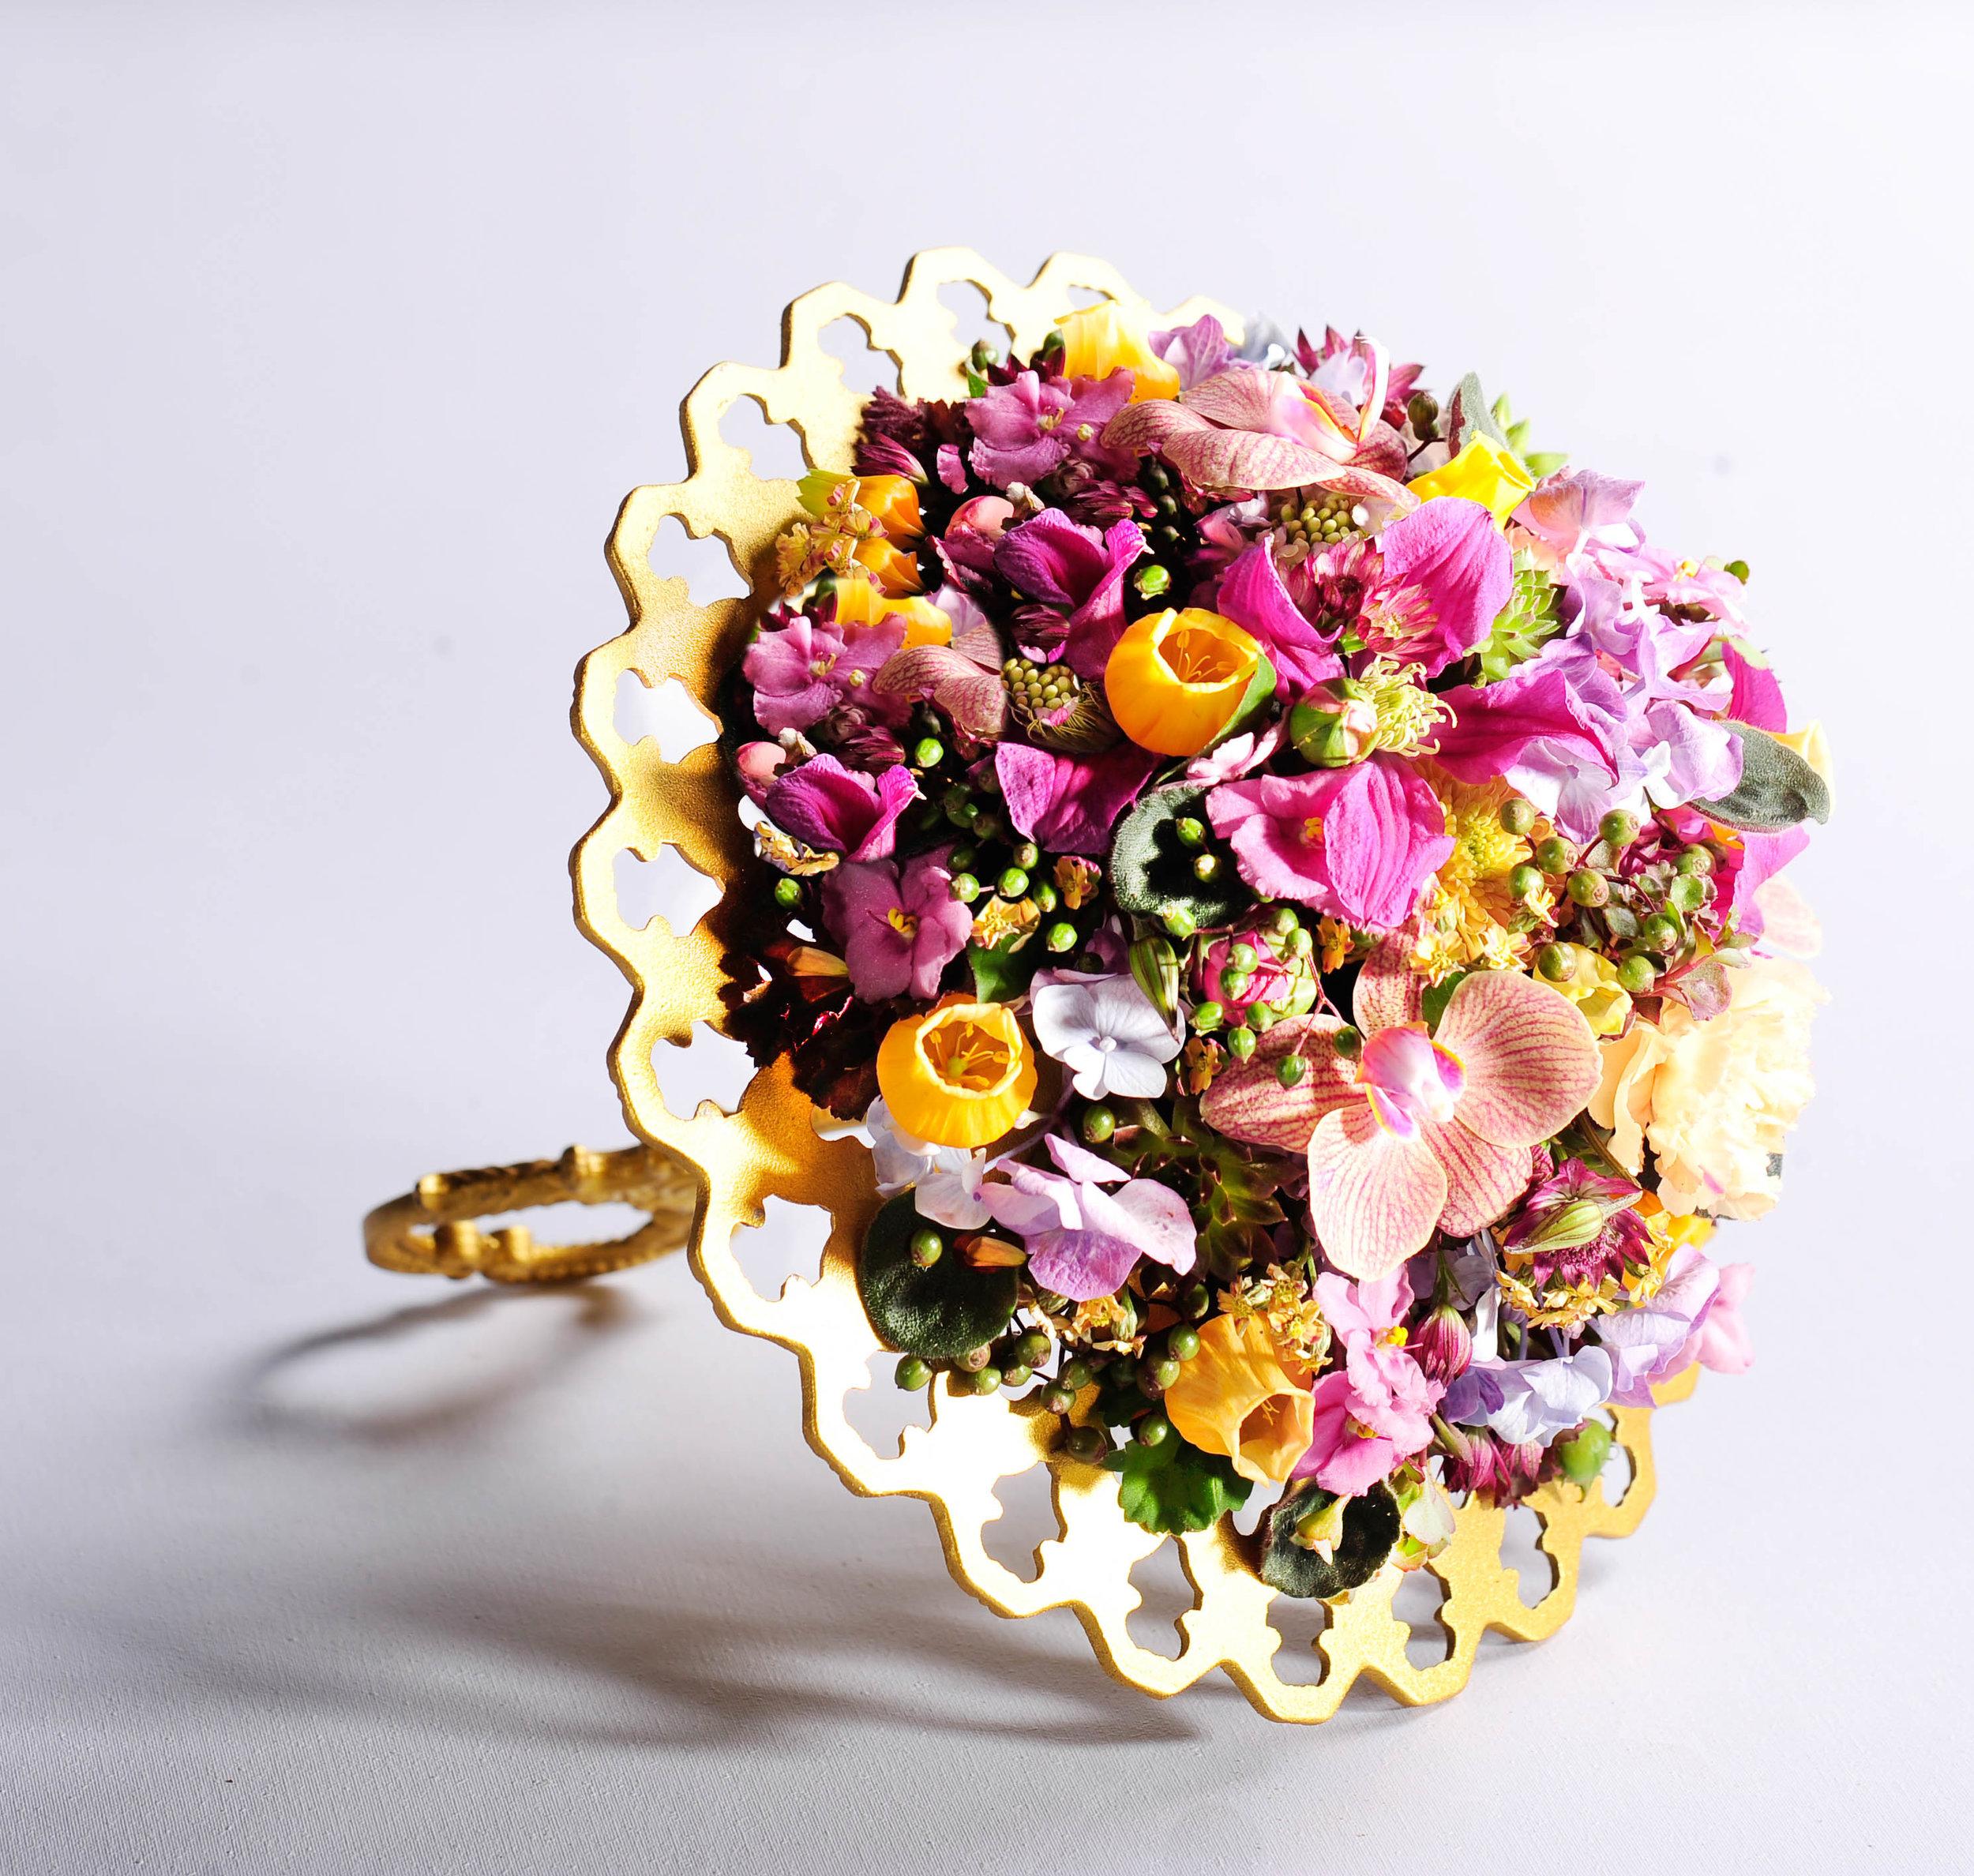 Einen Traum aus Blüten und subtilen Farben gelang Elisa Zwick aus München.